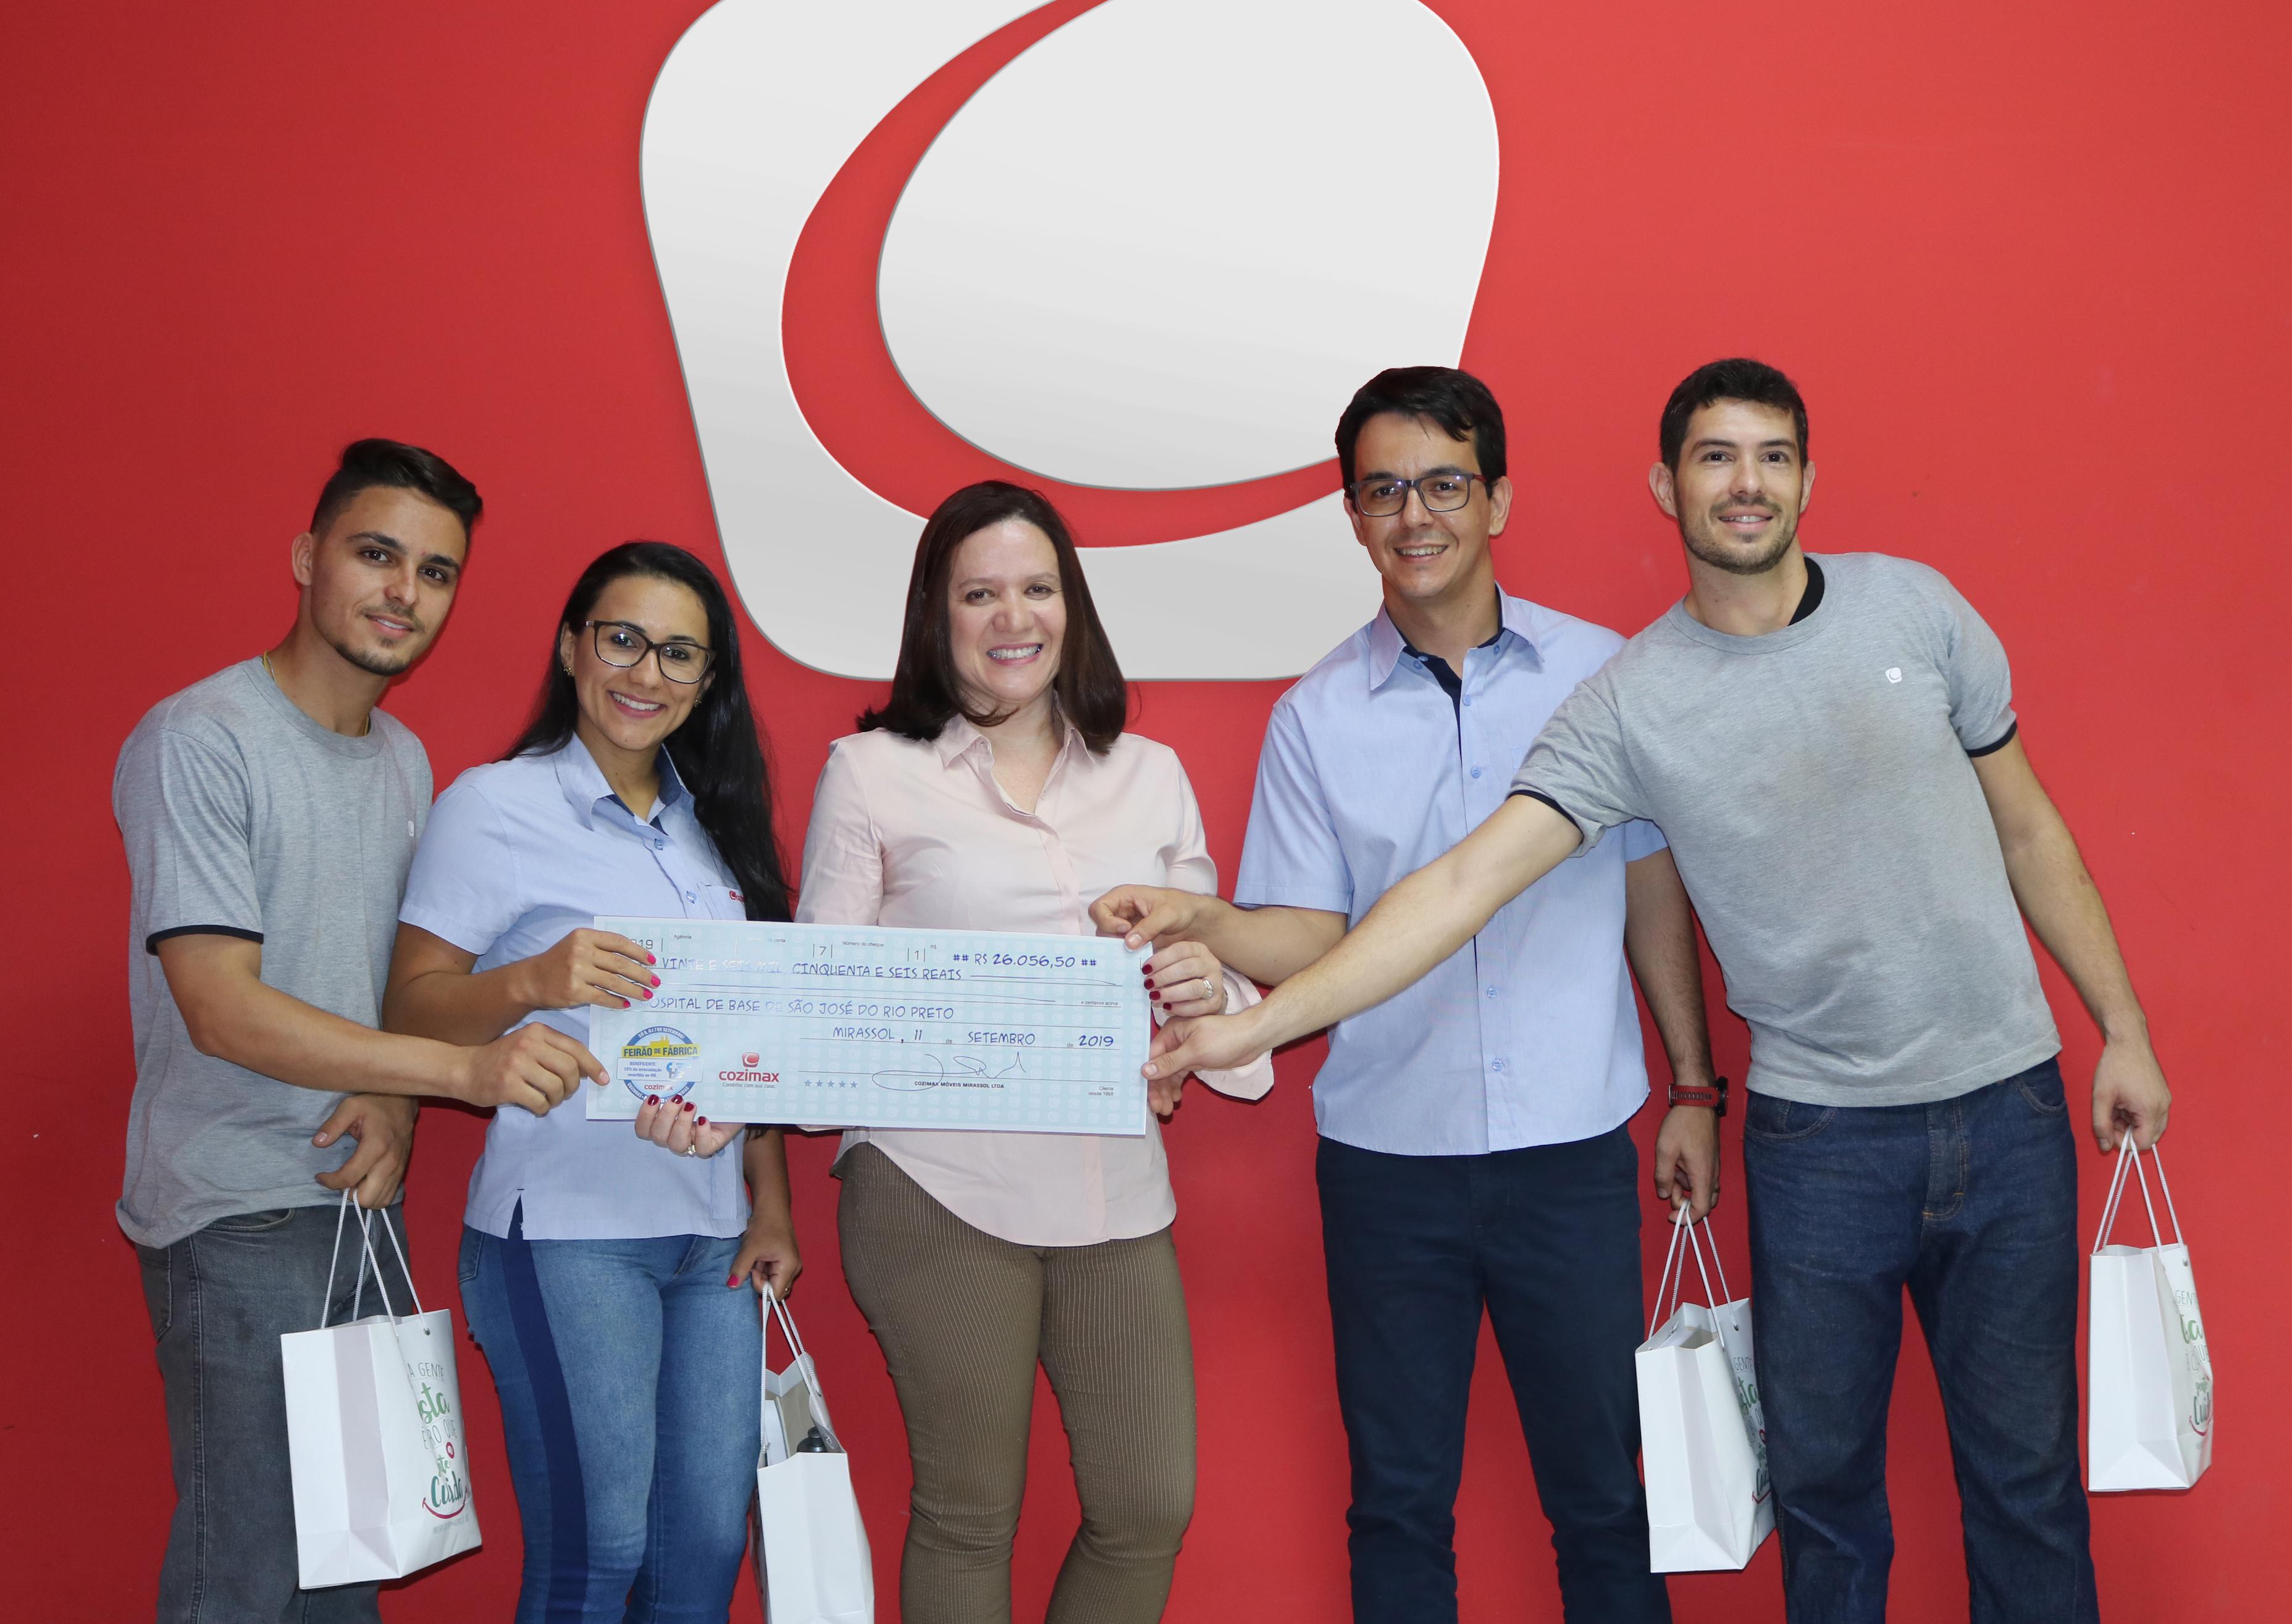 Cozimax doação Funfarme Hospital de Base Rio Preto